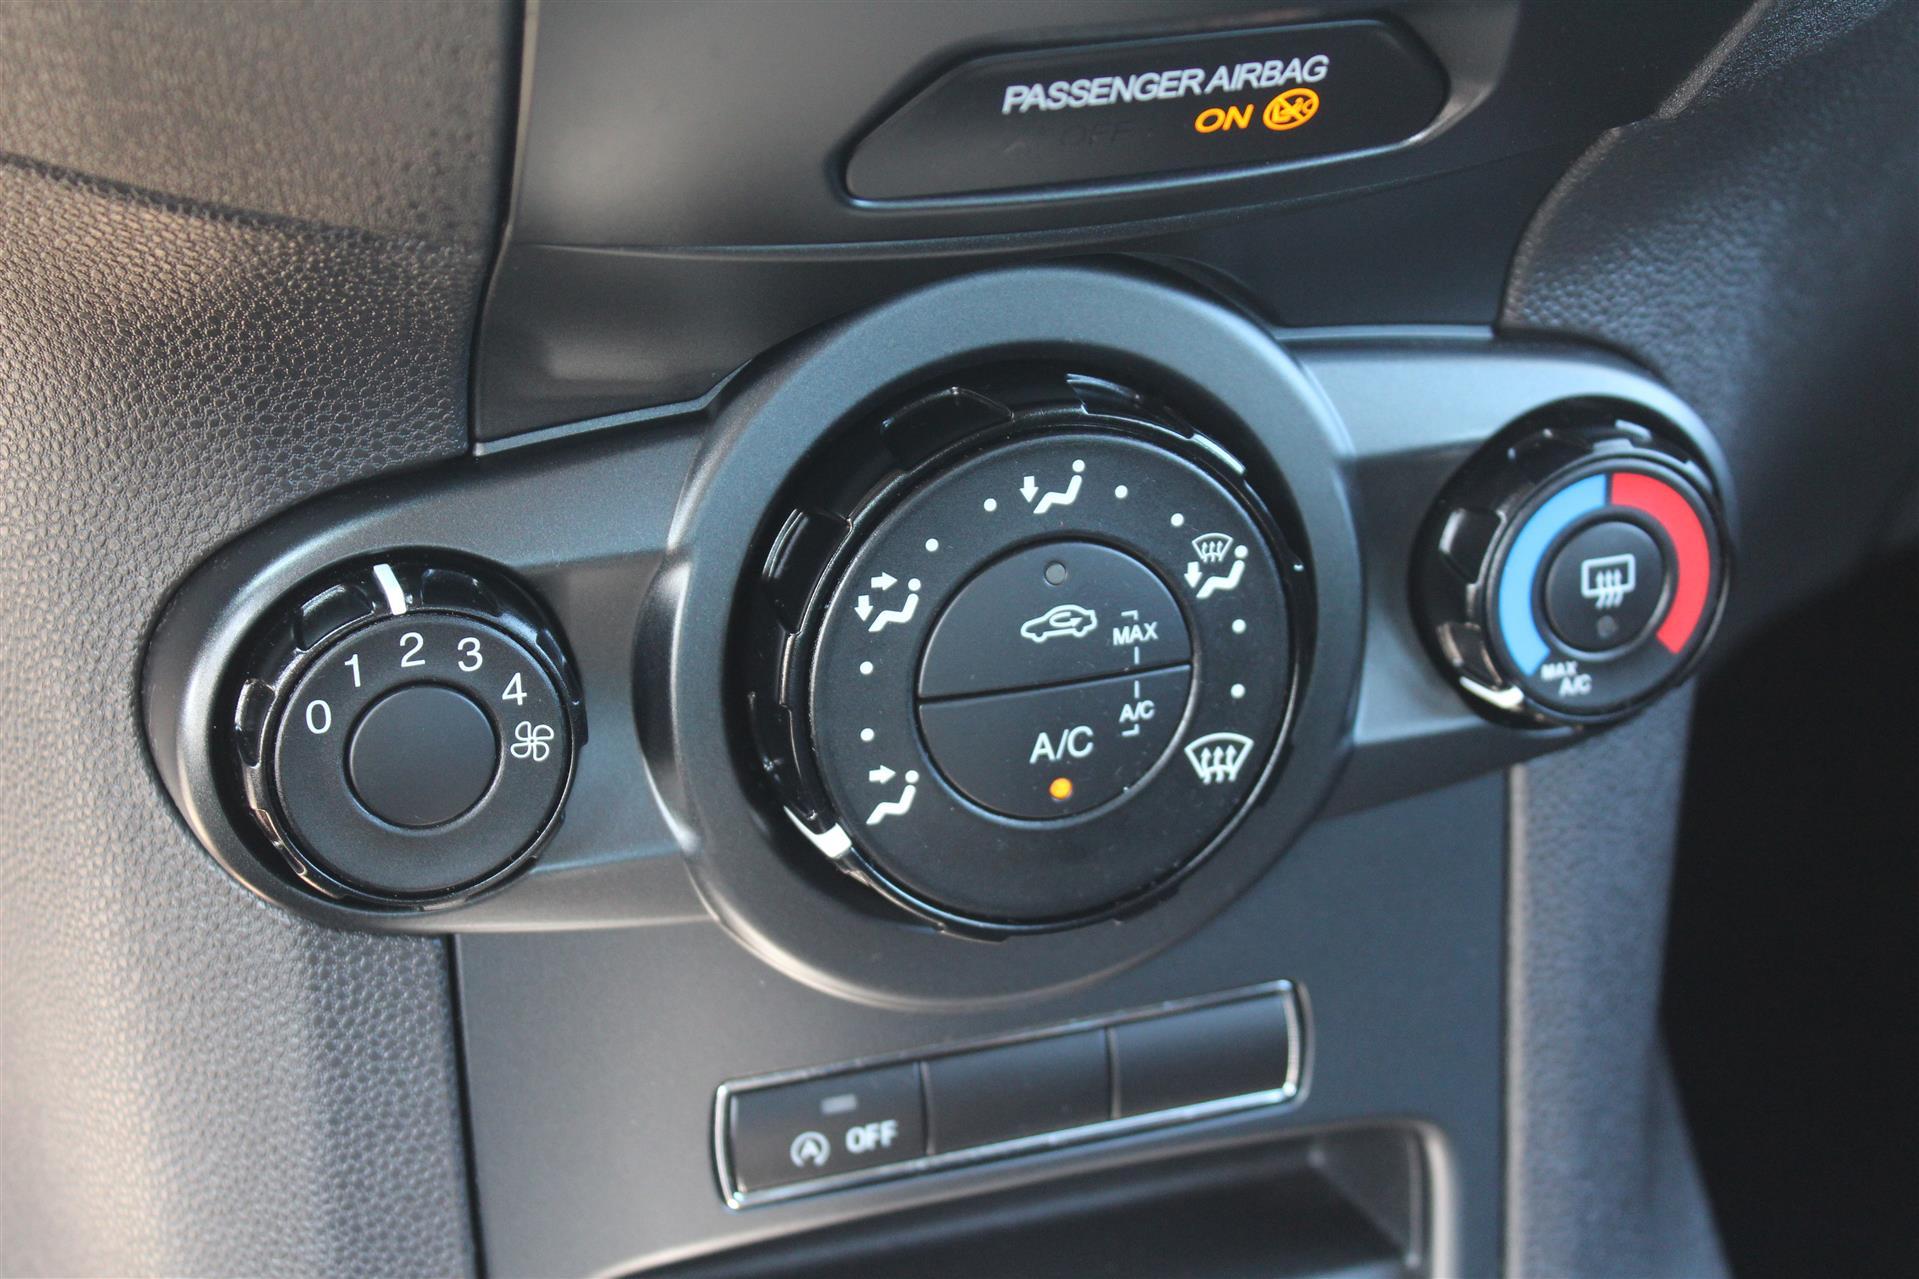 Billede af Ford Fiesta 1,0 Trend Start/Stop 65HK 5d